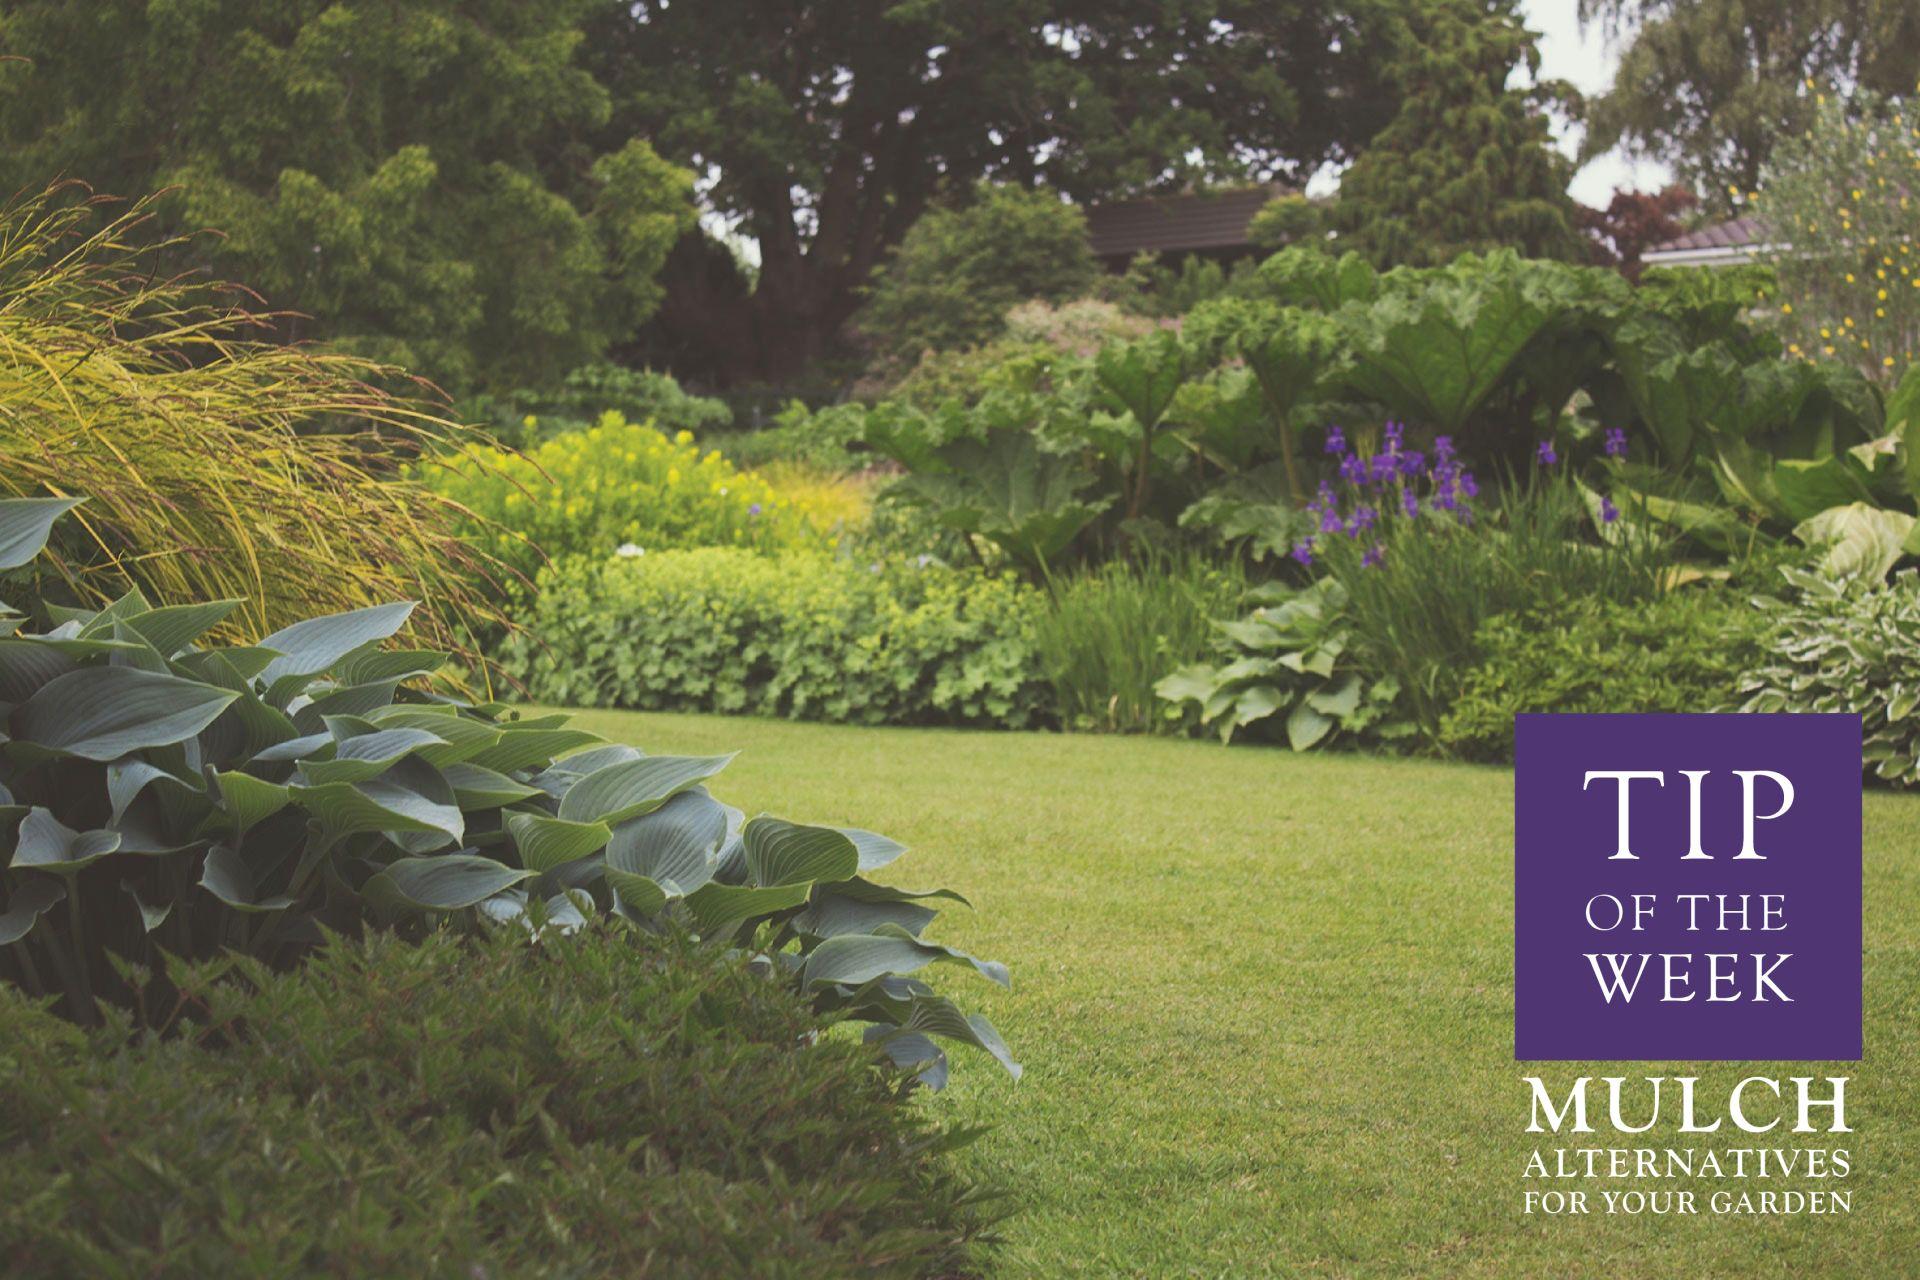 Mulch Alternatives for Your Garden